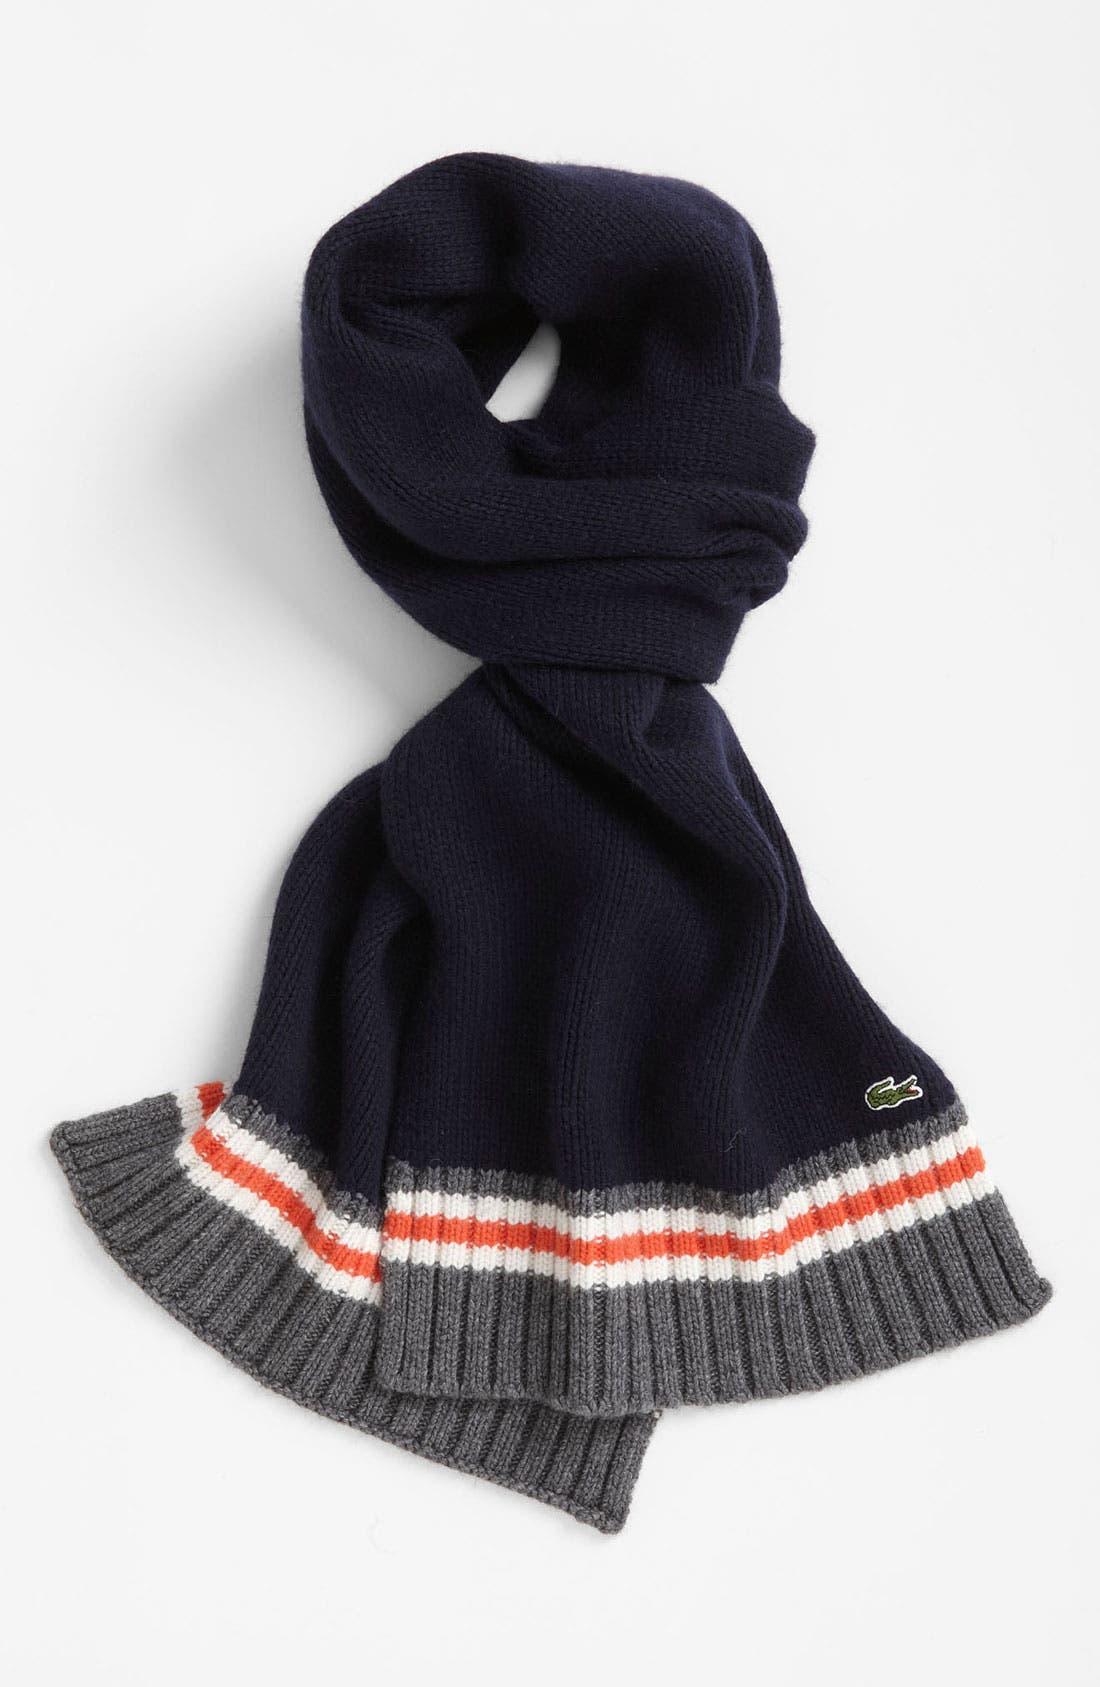 Main Image - Lacoste 'Toboggan' Knit Scarf